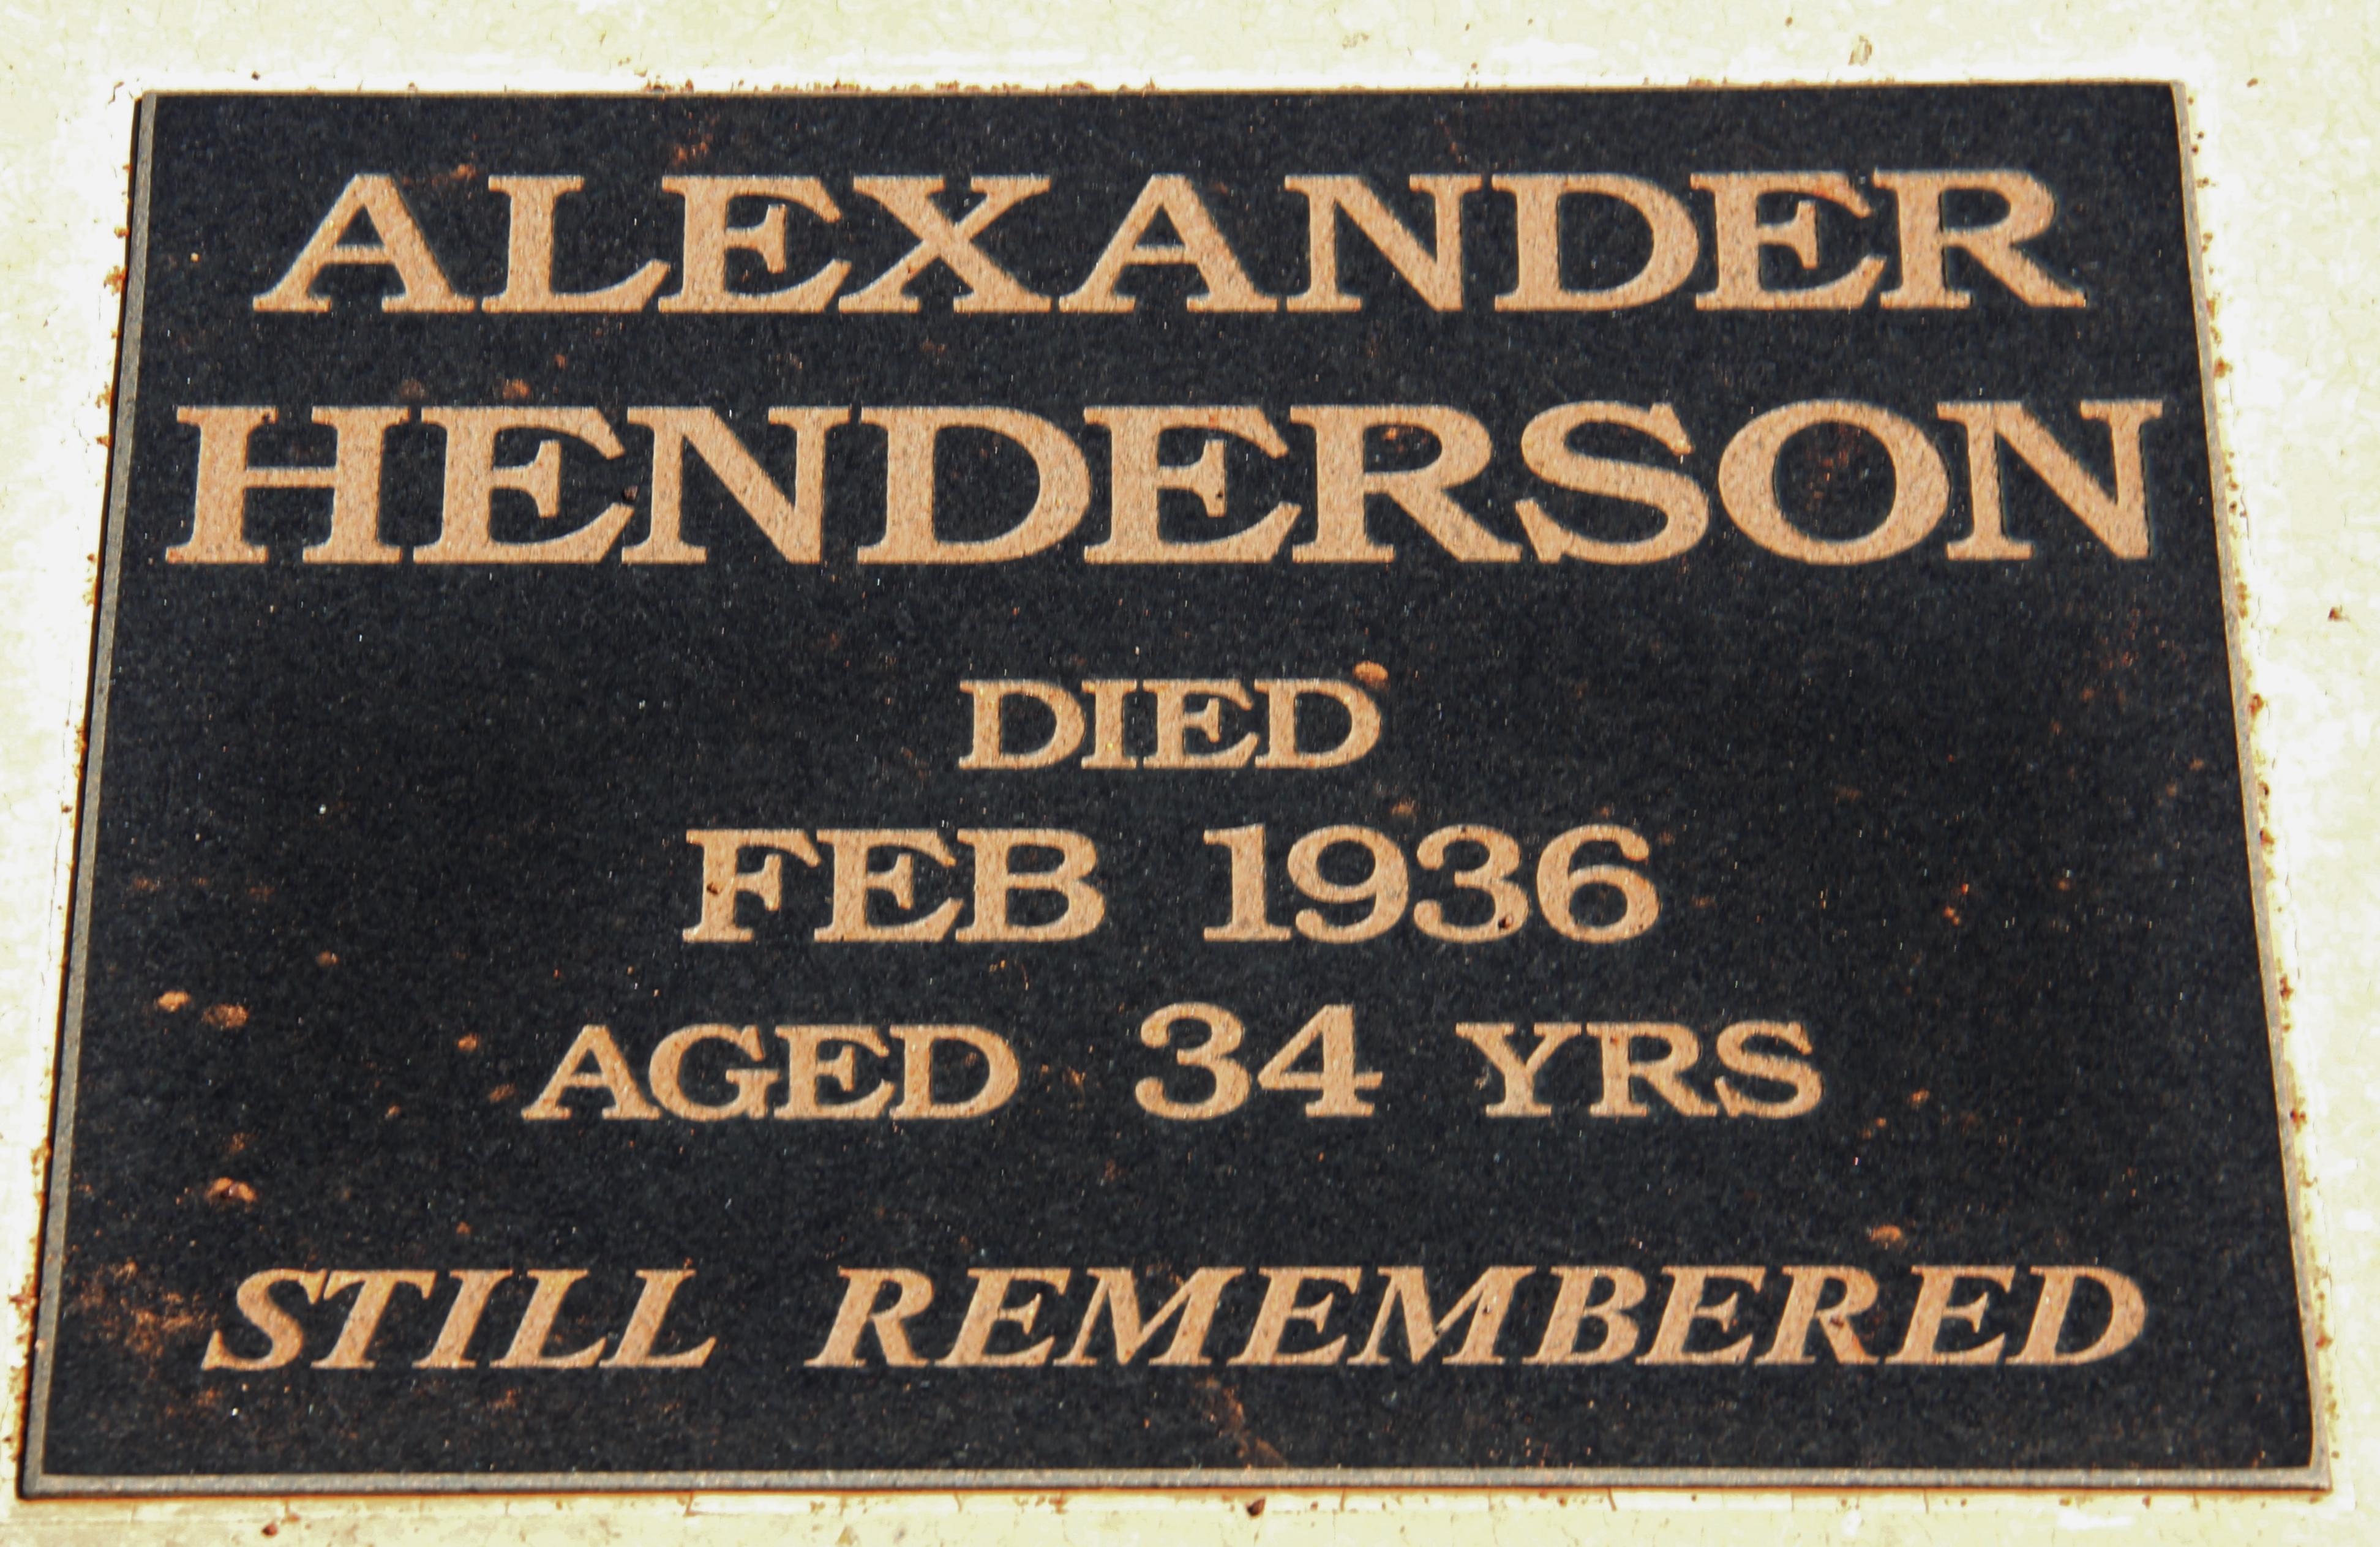 Coolgardie Cemetery - Alexander Henderson